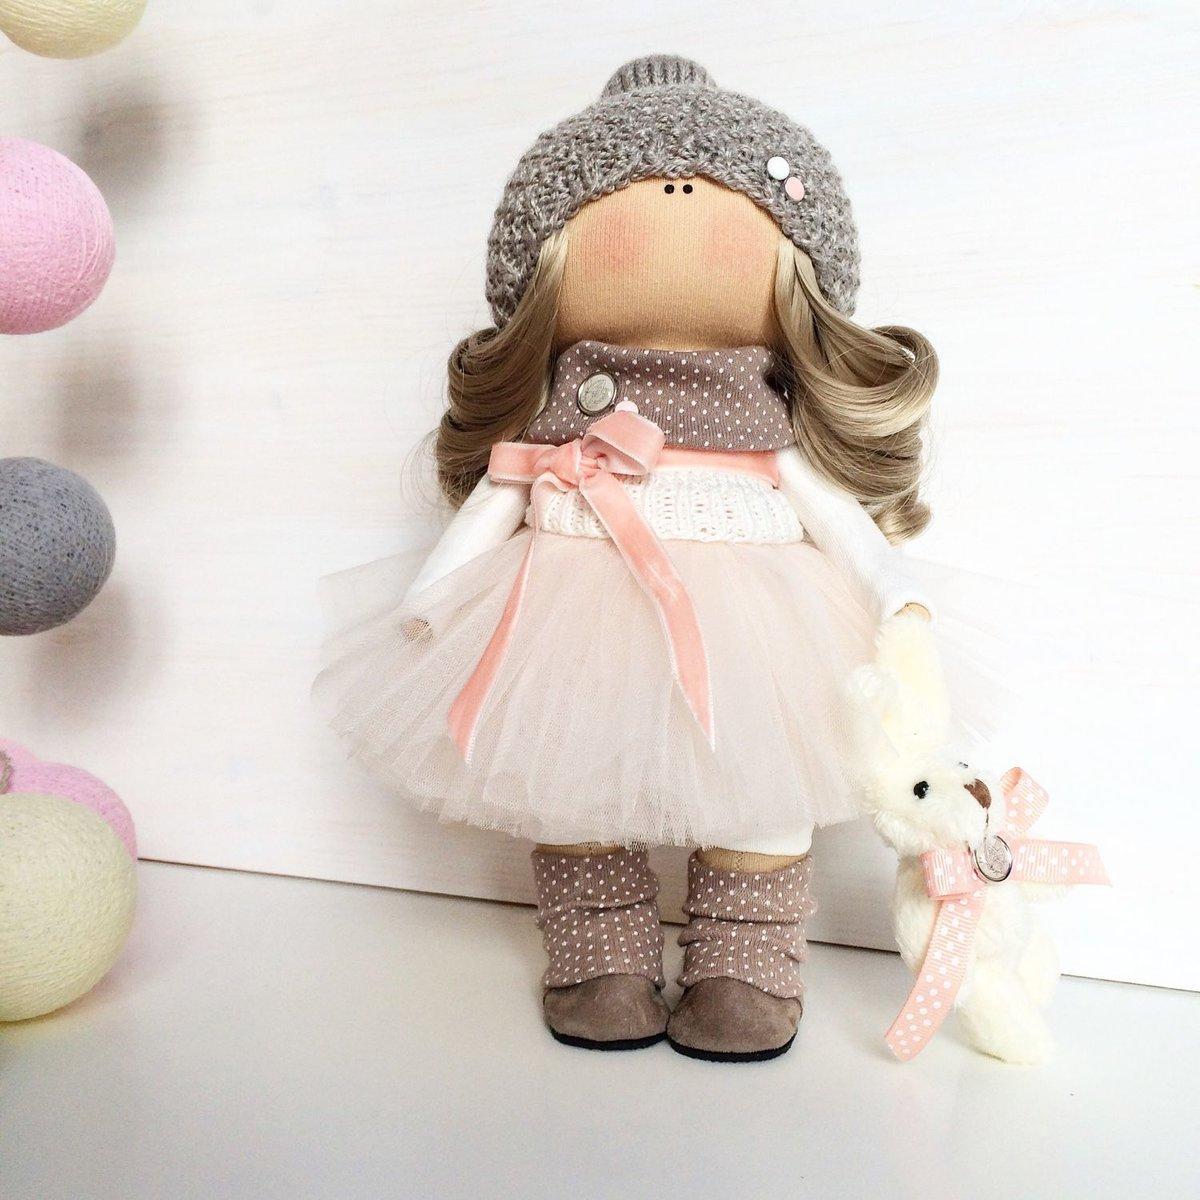 куклы своими руками картинки обильное морозов устойчивость